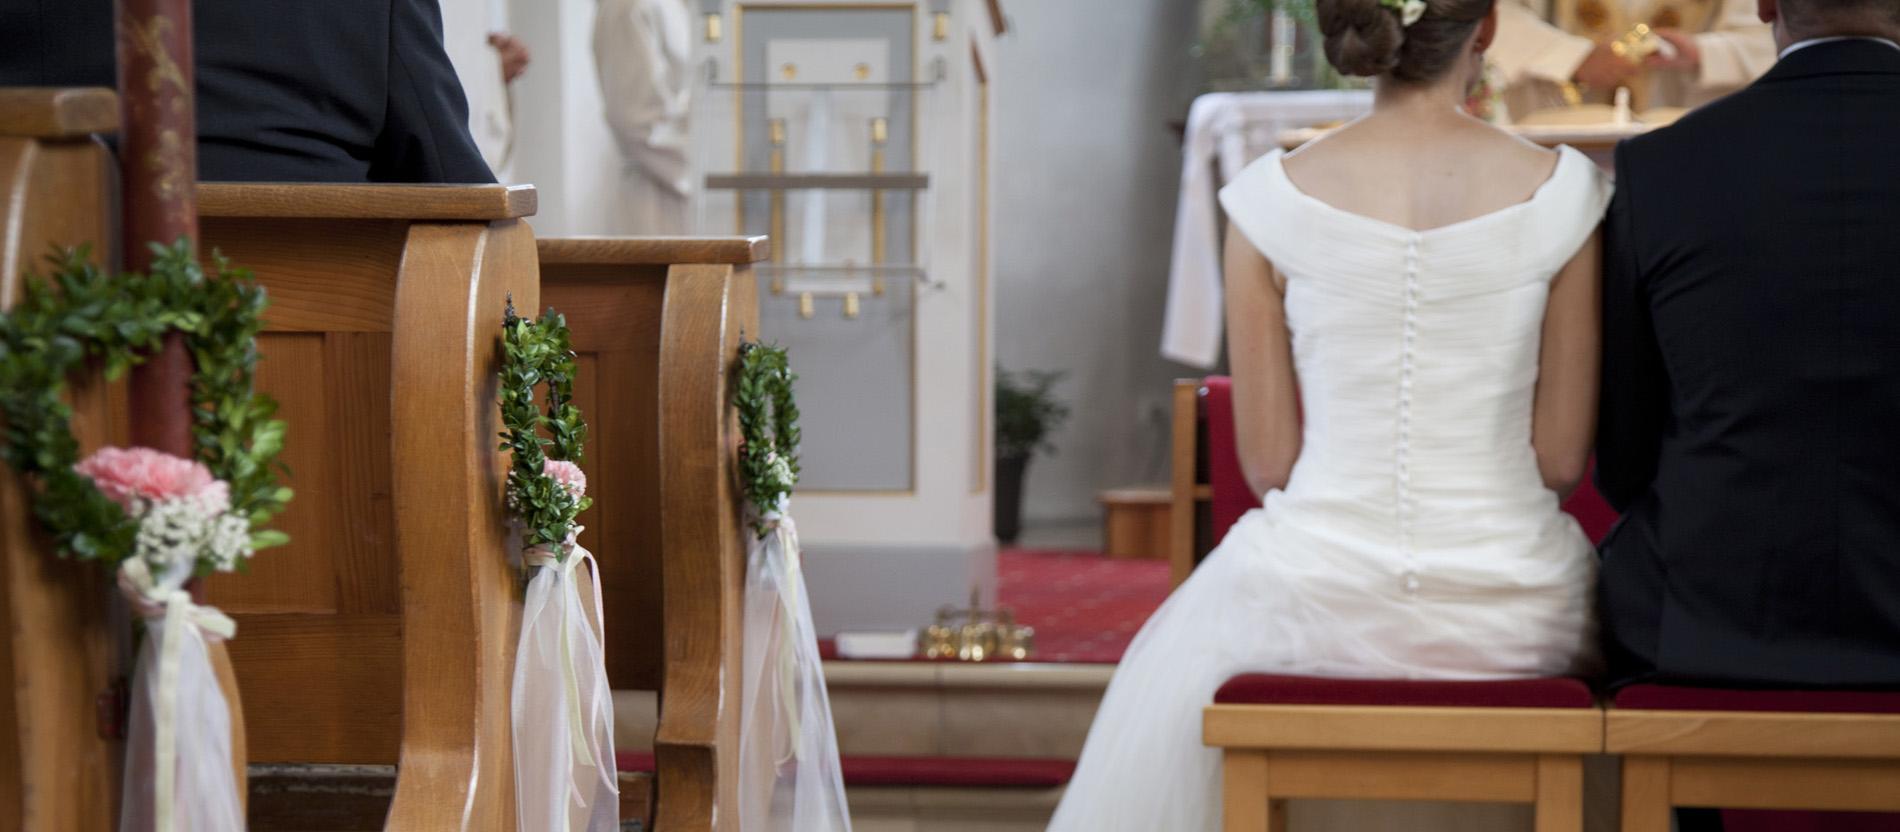 Die Ehe: Wir heiraten! – Unsere Hochzeit - katholisch.de